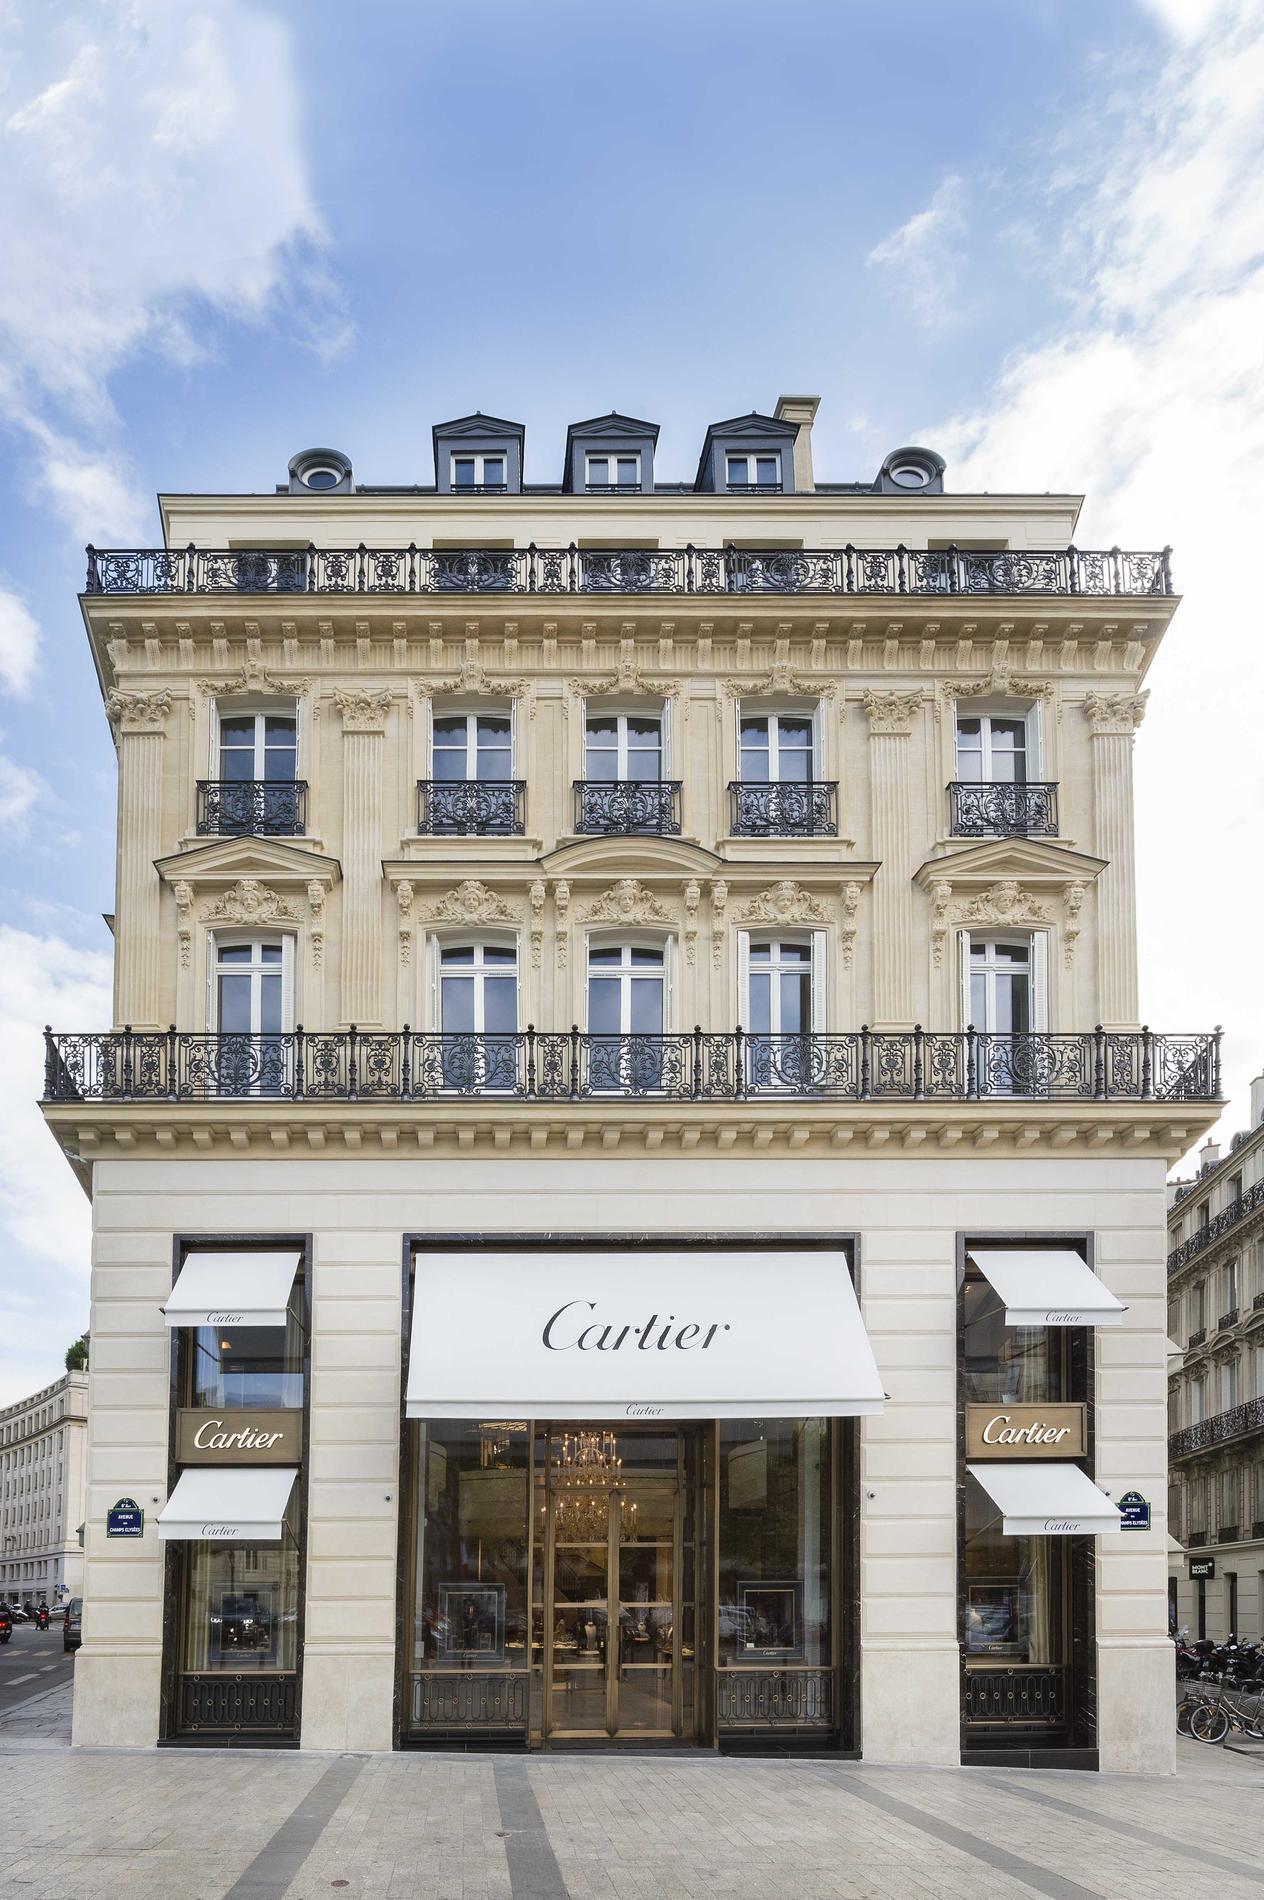 Cartier Ouvre  U00e0 Nouveau Ses Portes Sur Les Champs